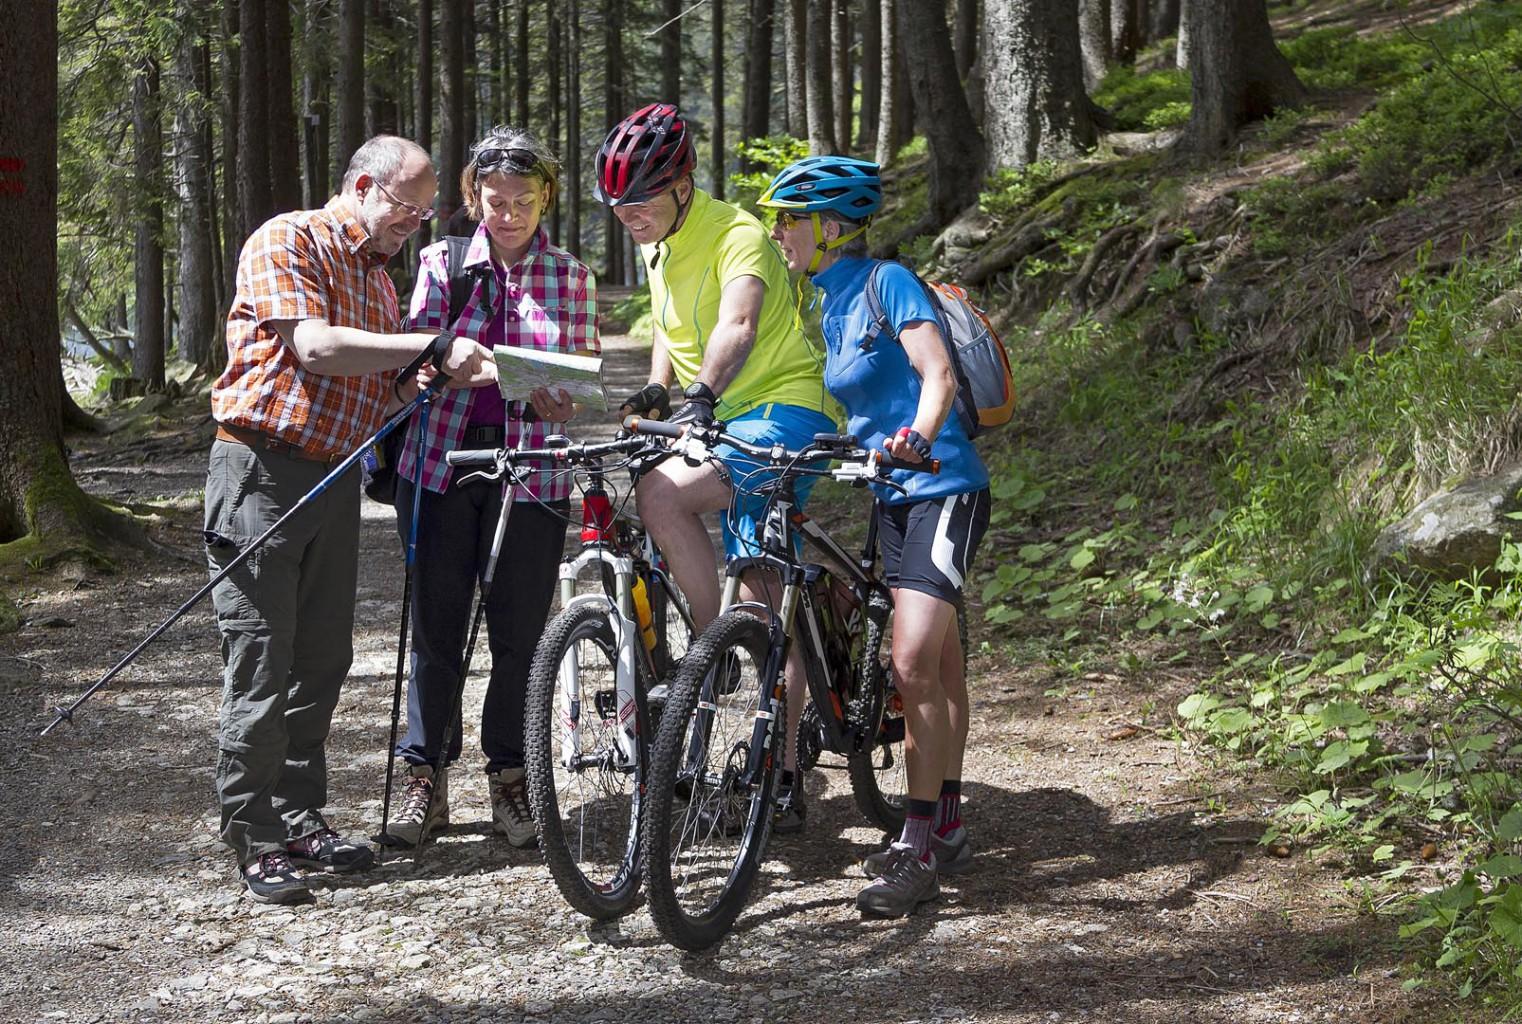 Mountainbike Touren im Bayerischen Wald